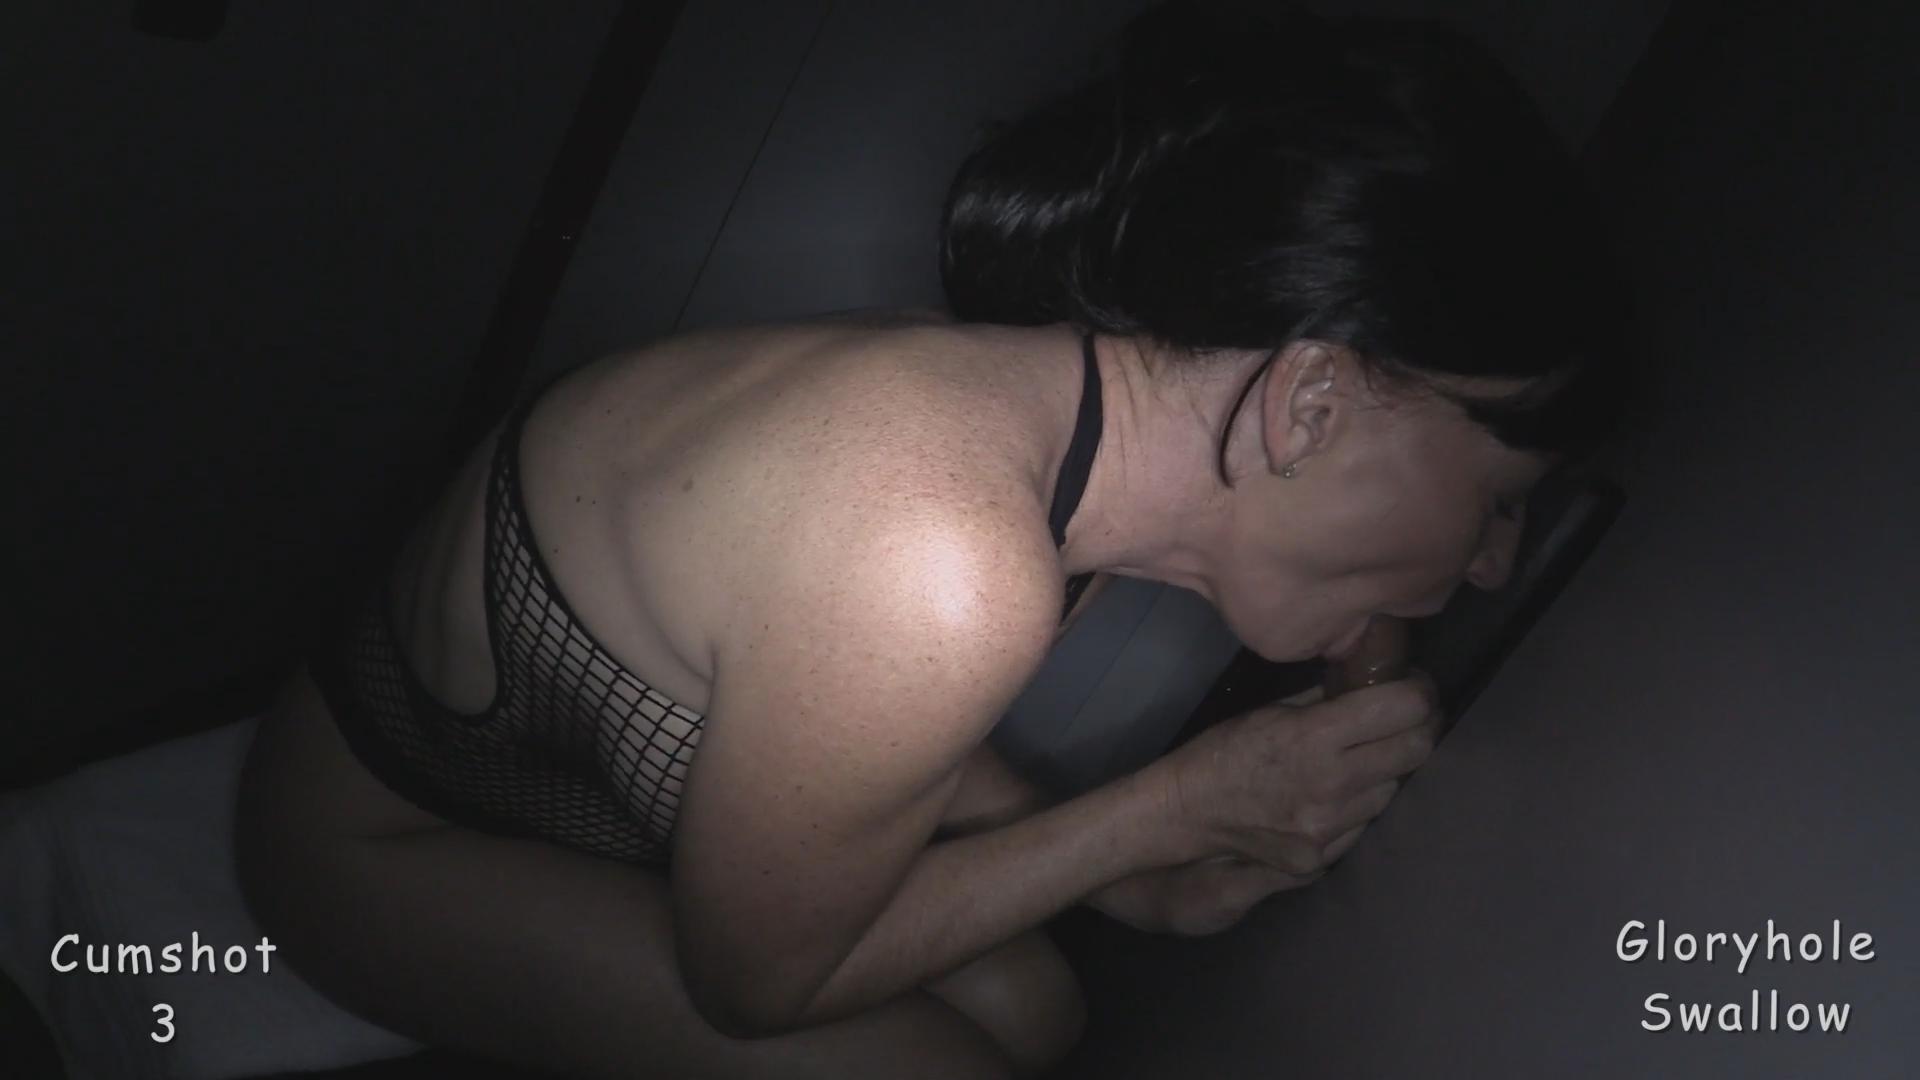 Секс глори холл 23 фотография